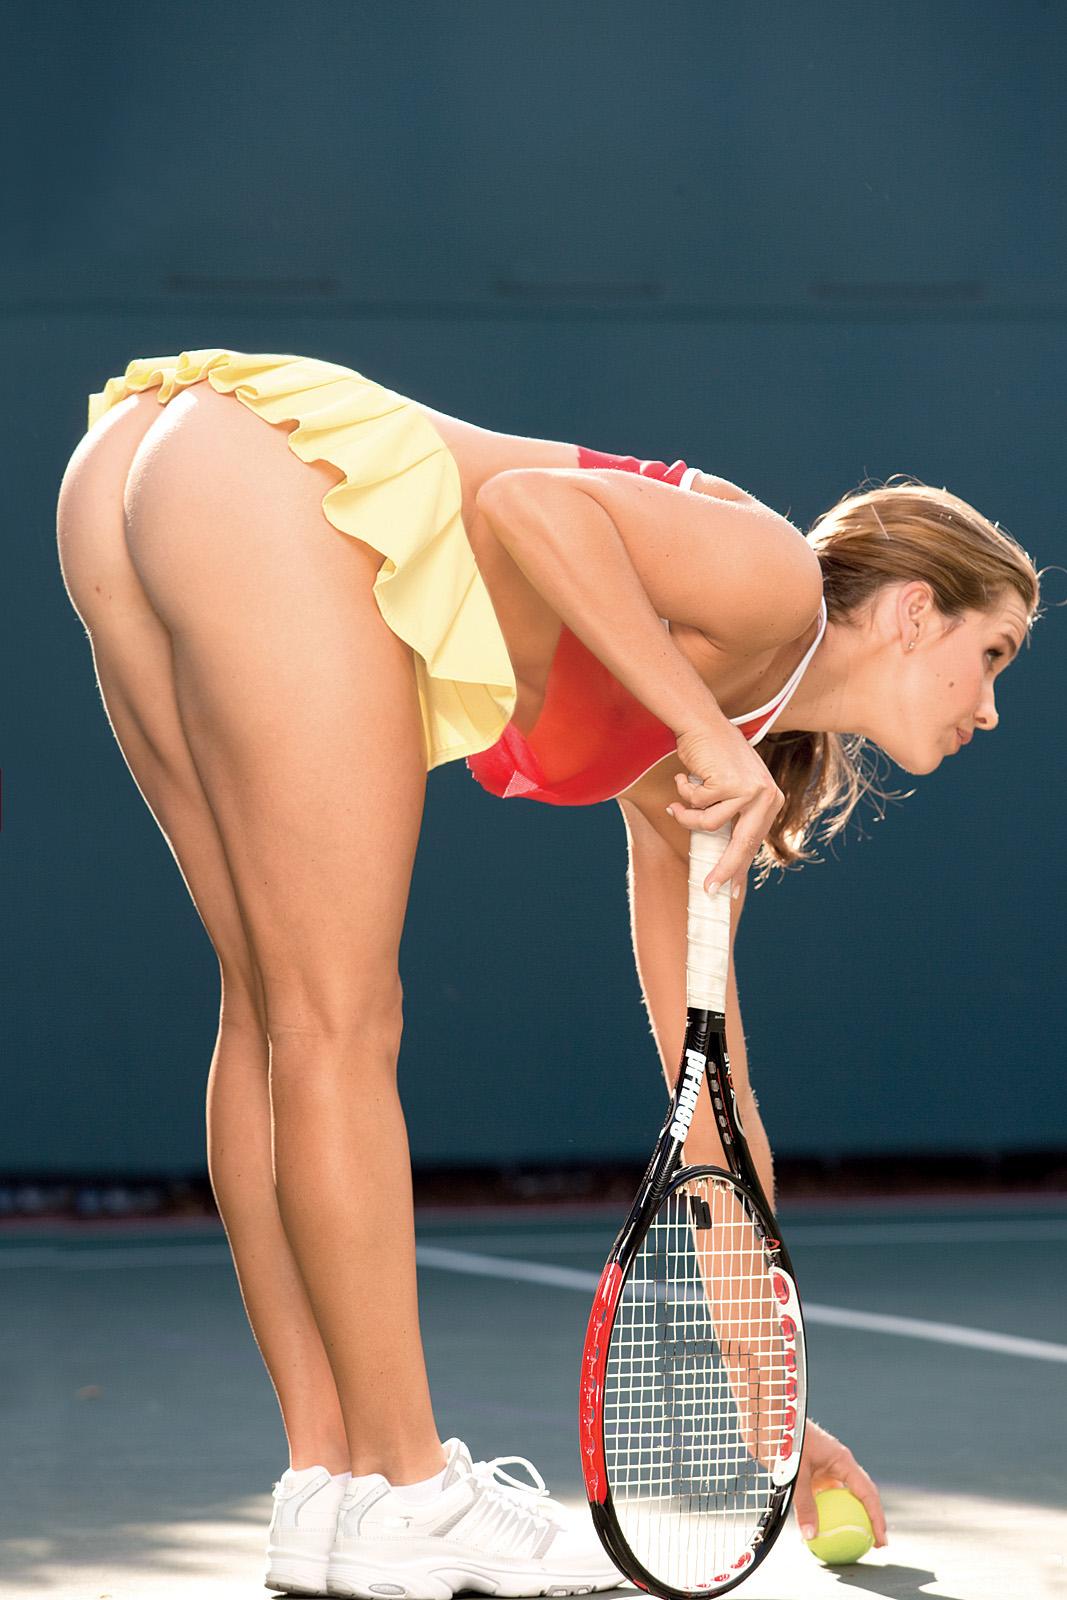 Ухоженные спортсменки продемонстрировала обнаженную попку в разных местах